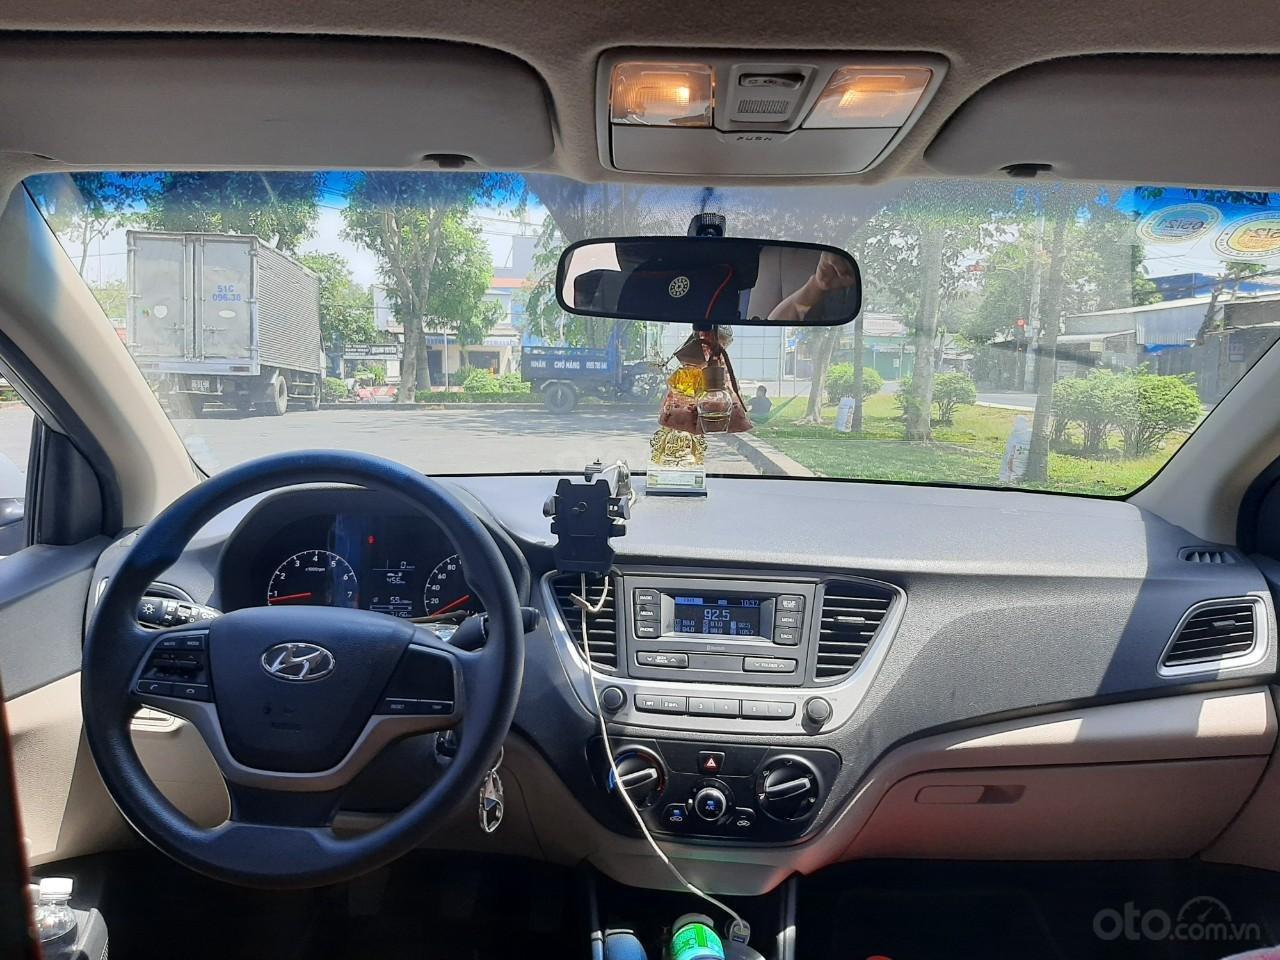 Cần bán gấp Hyundai Accent năm sản xuất 2018 (2)